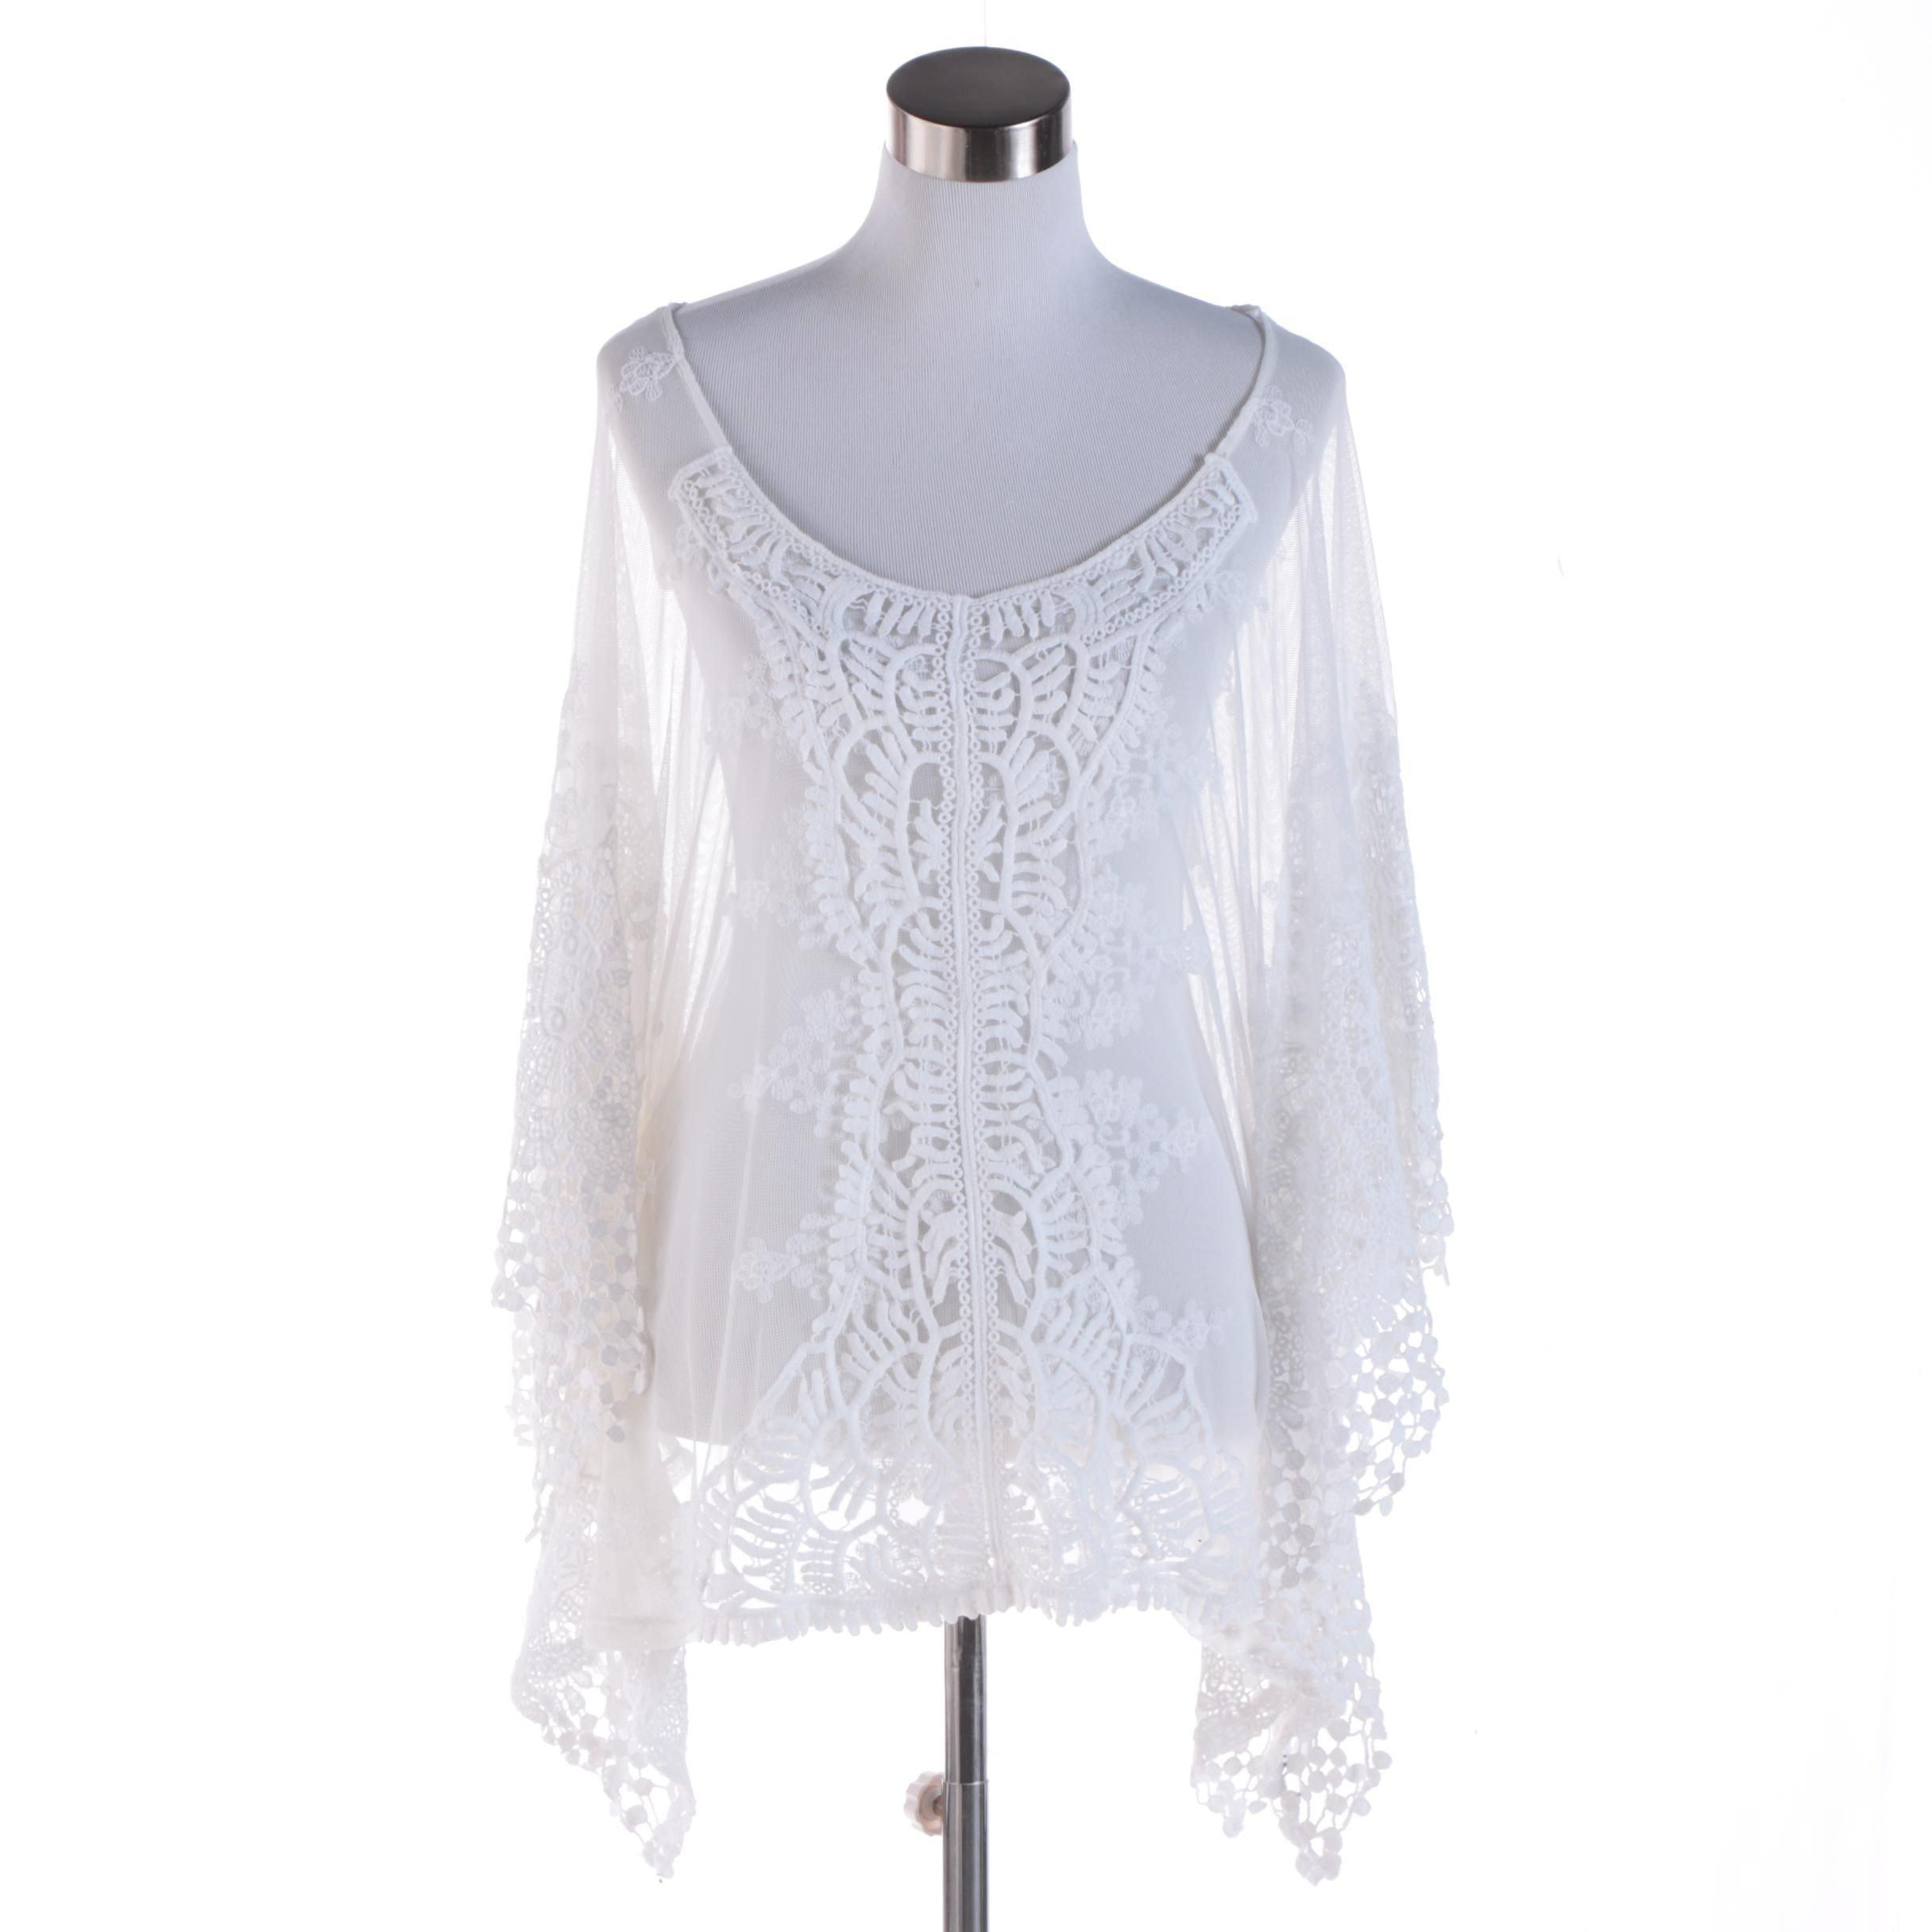 XCVI White Crochet Sheer Top